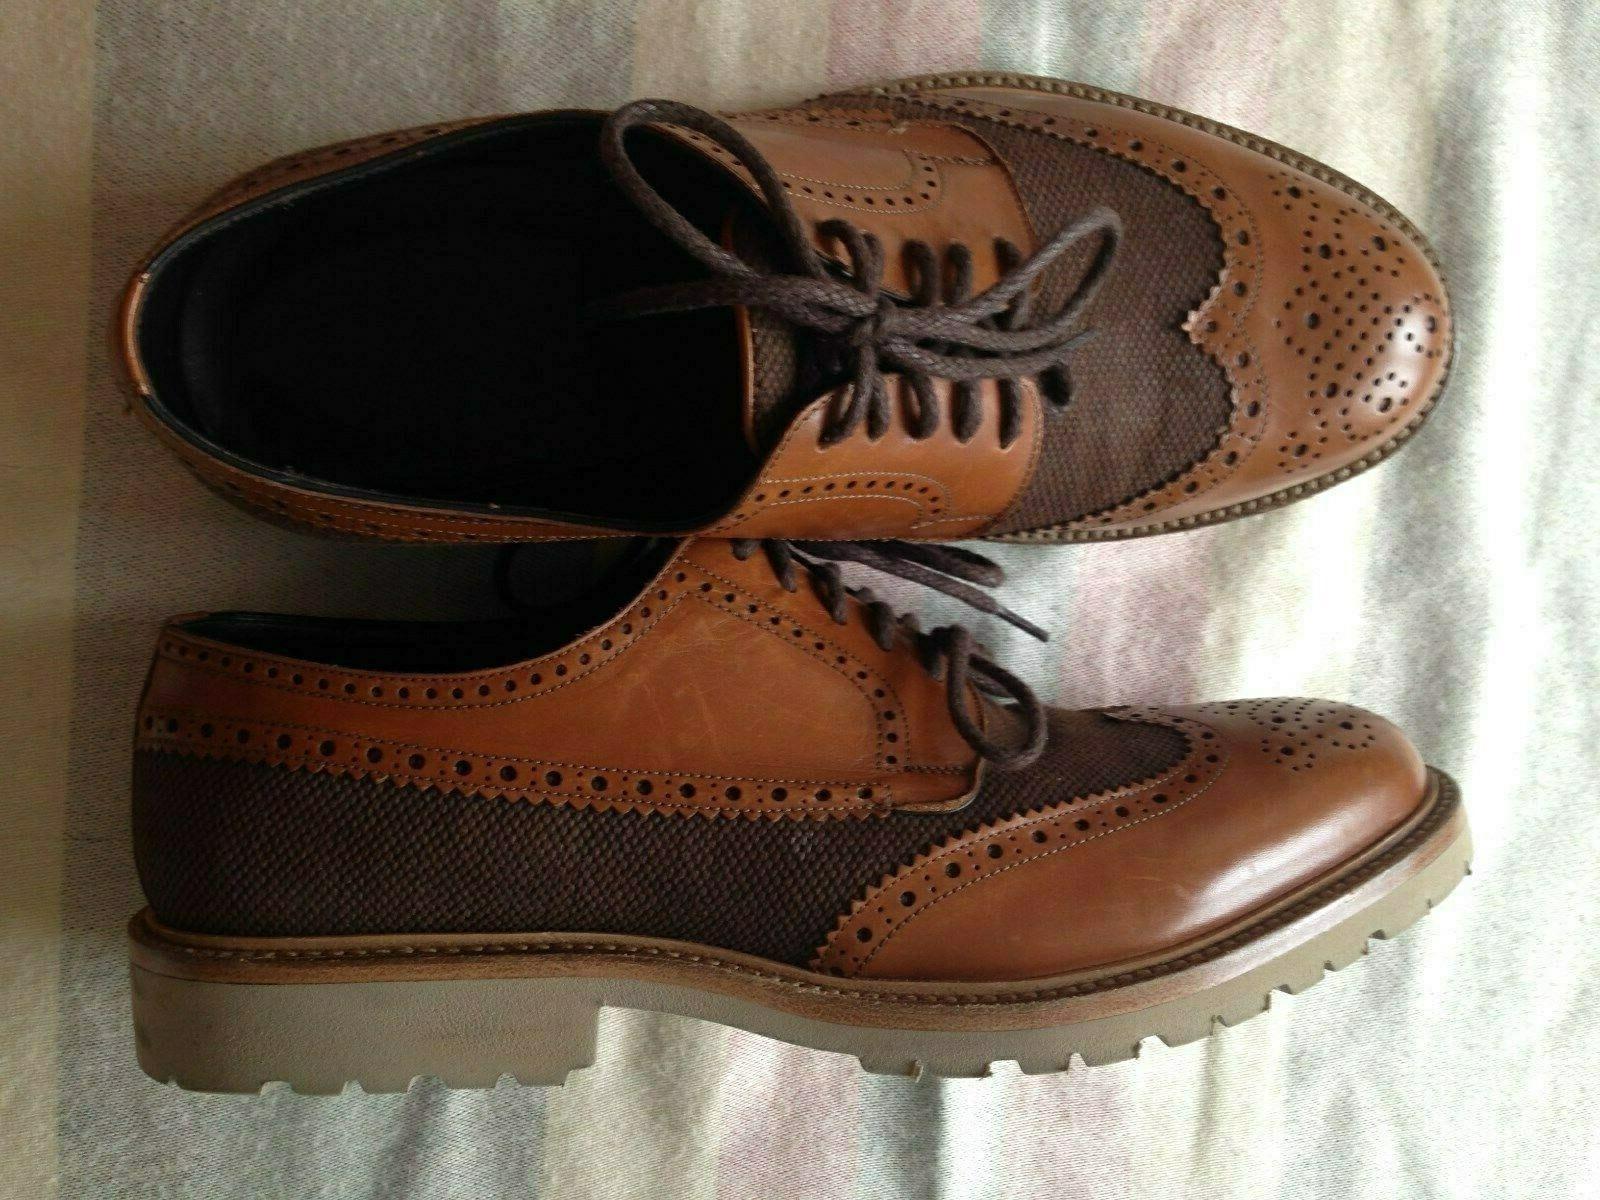 Vibram Lavorazione a Mano herren Schuhe Neu Gr.45